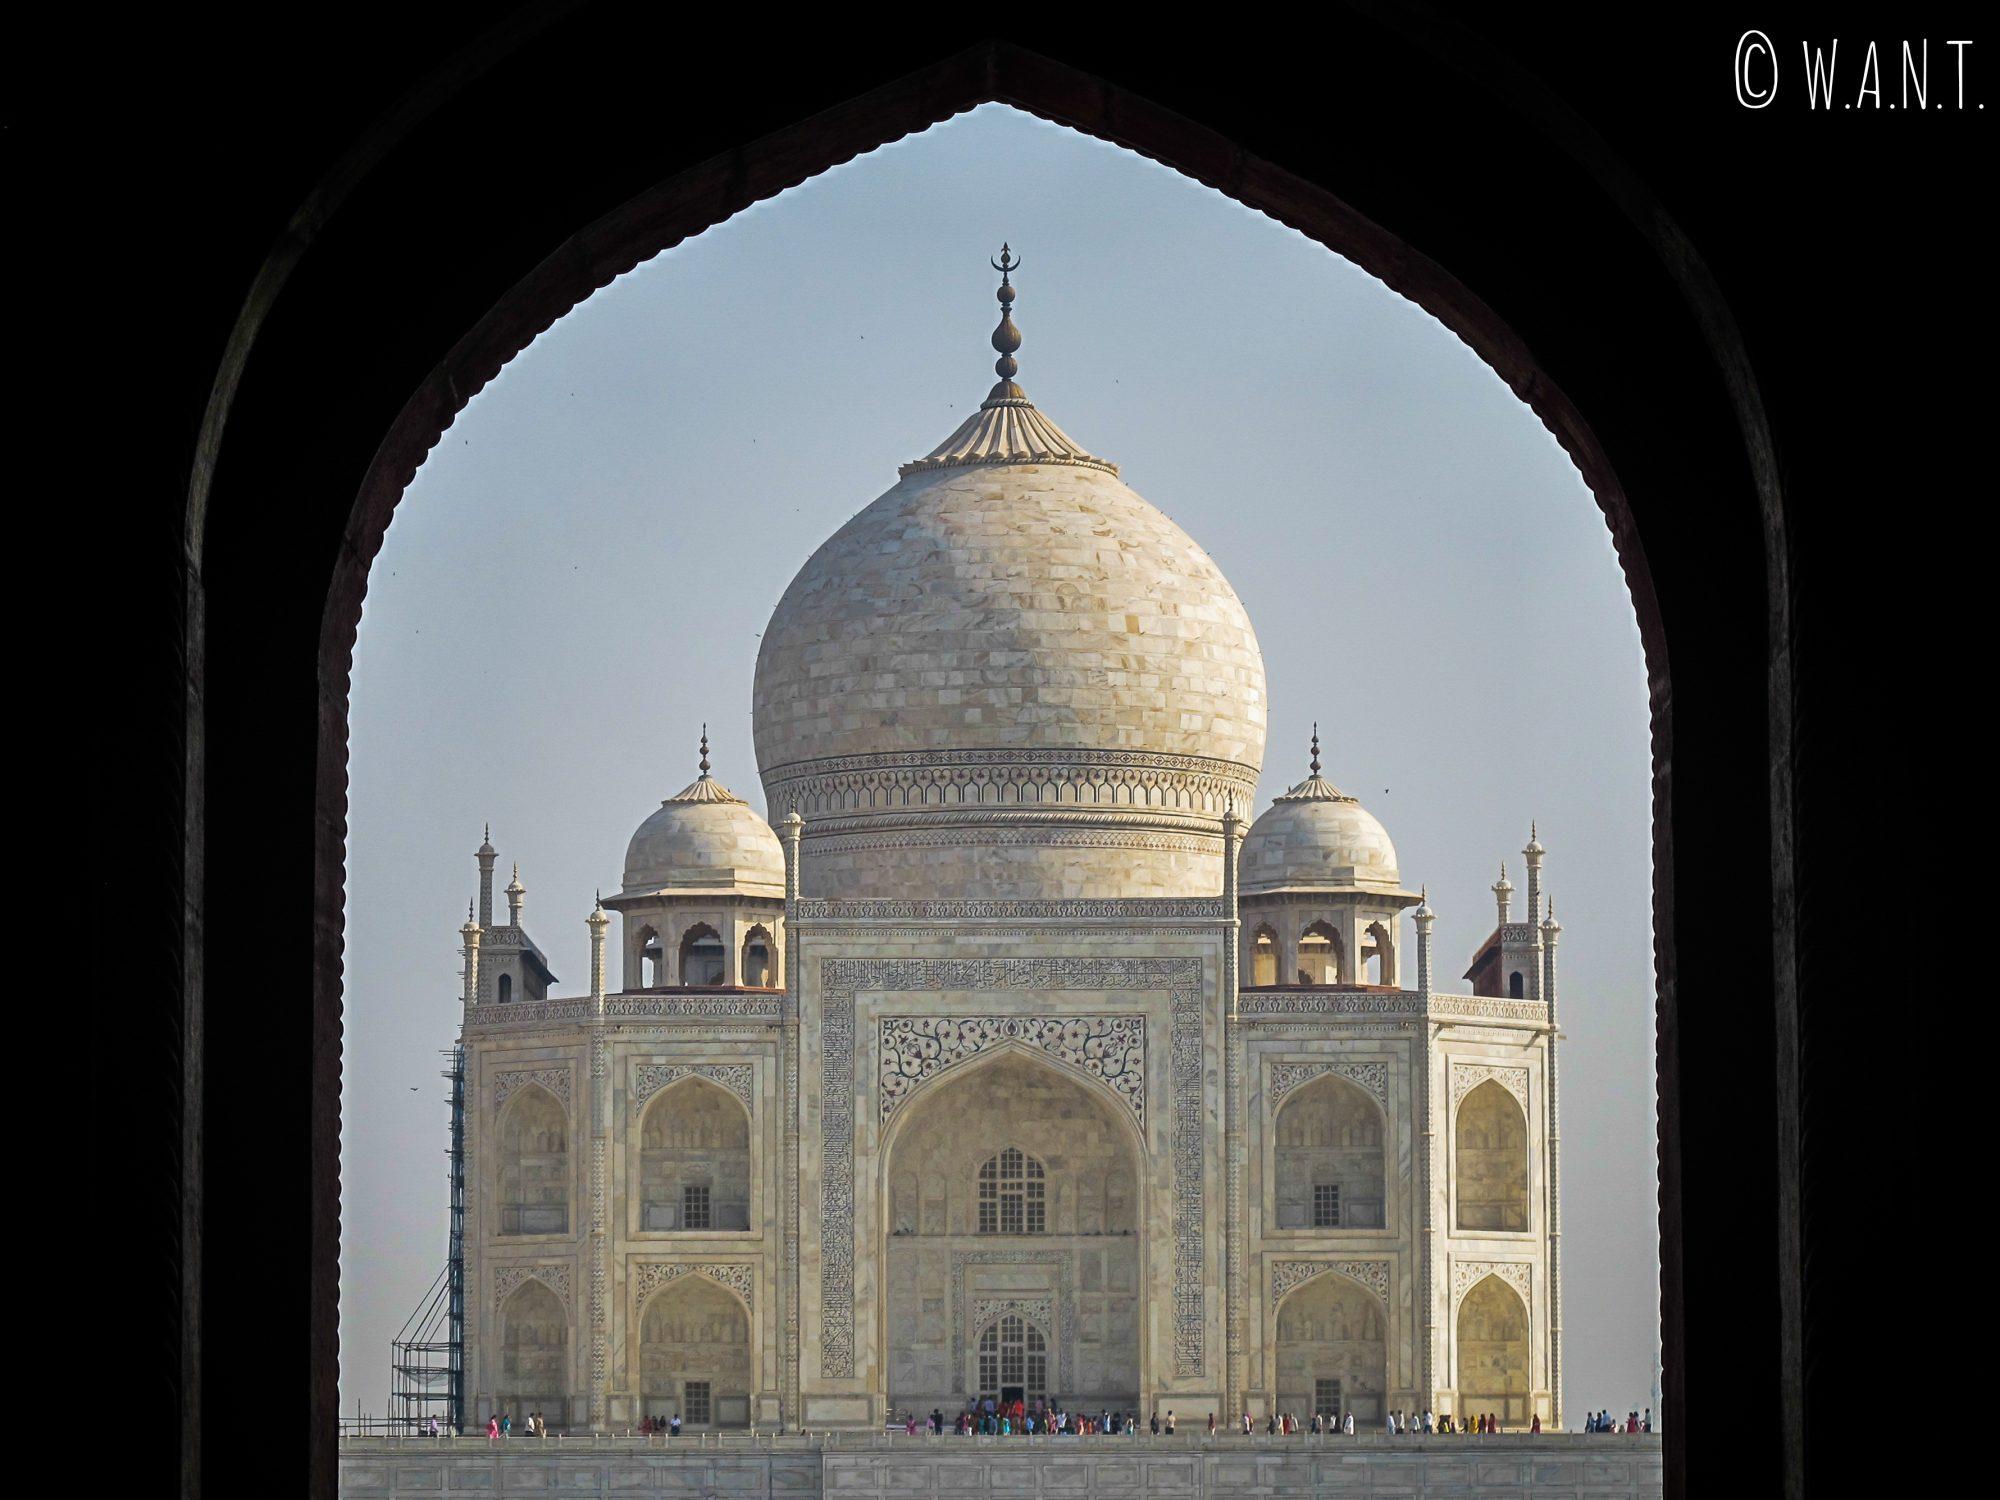 Taj Mahal pris en photo depuis la porte d'entrée principale du site